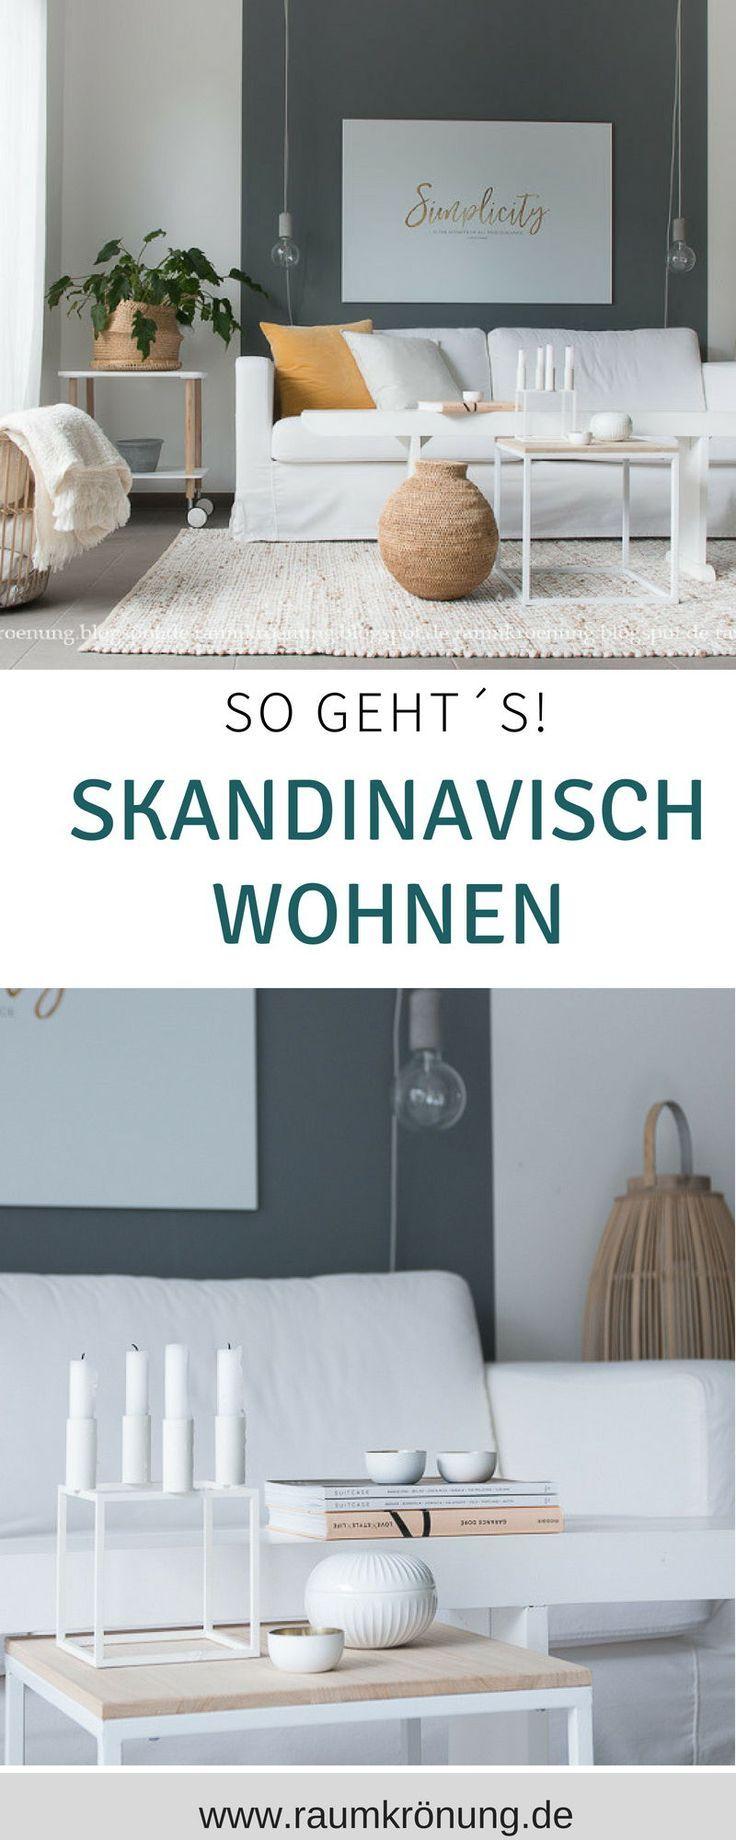 skandinavisch wohnen wohnzimmer skandinavische einrichtung skandinavische wohninspirationen skandinavischer wohnstil skandinavischer stil